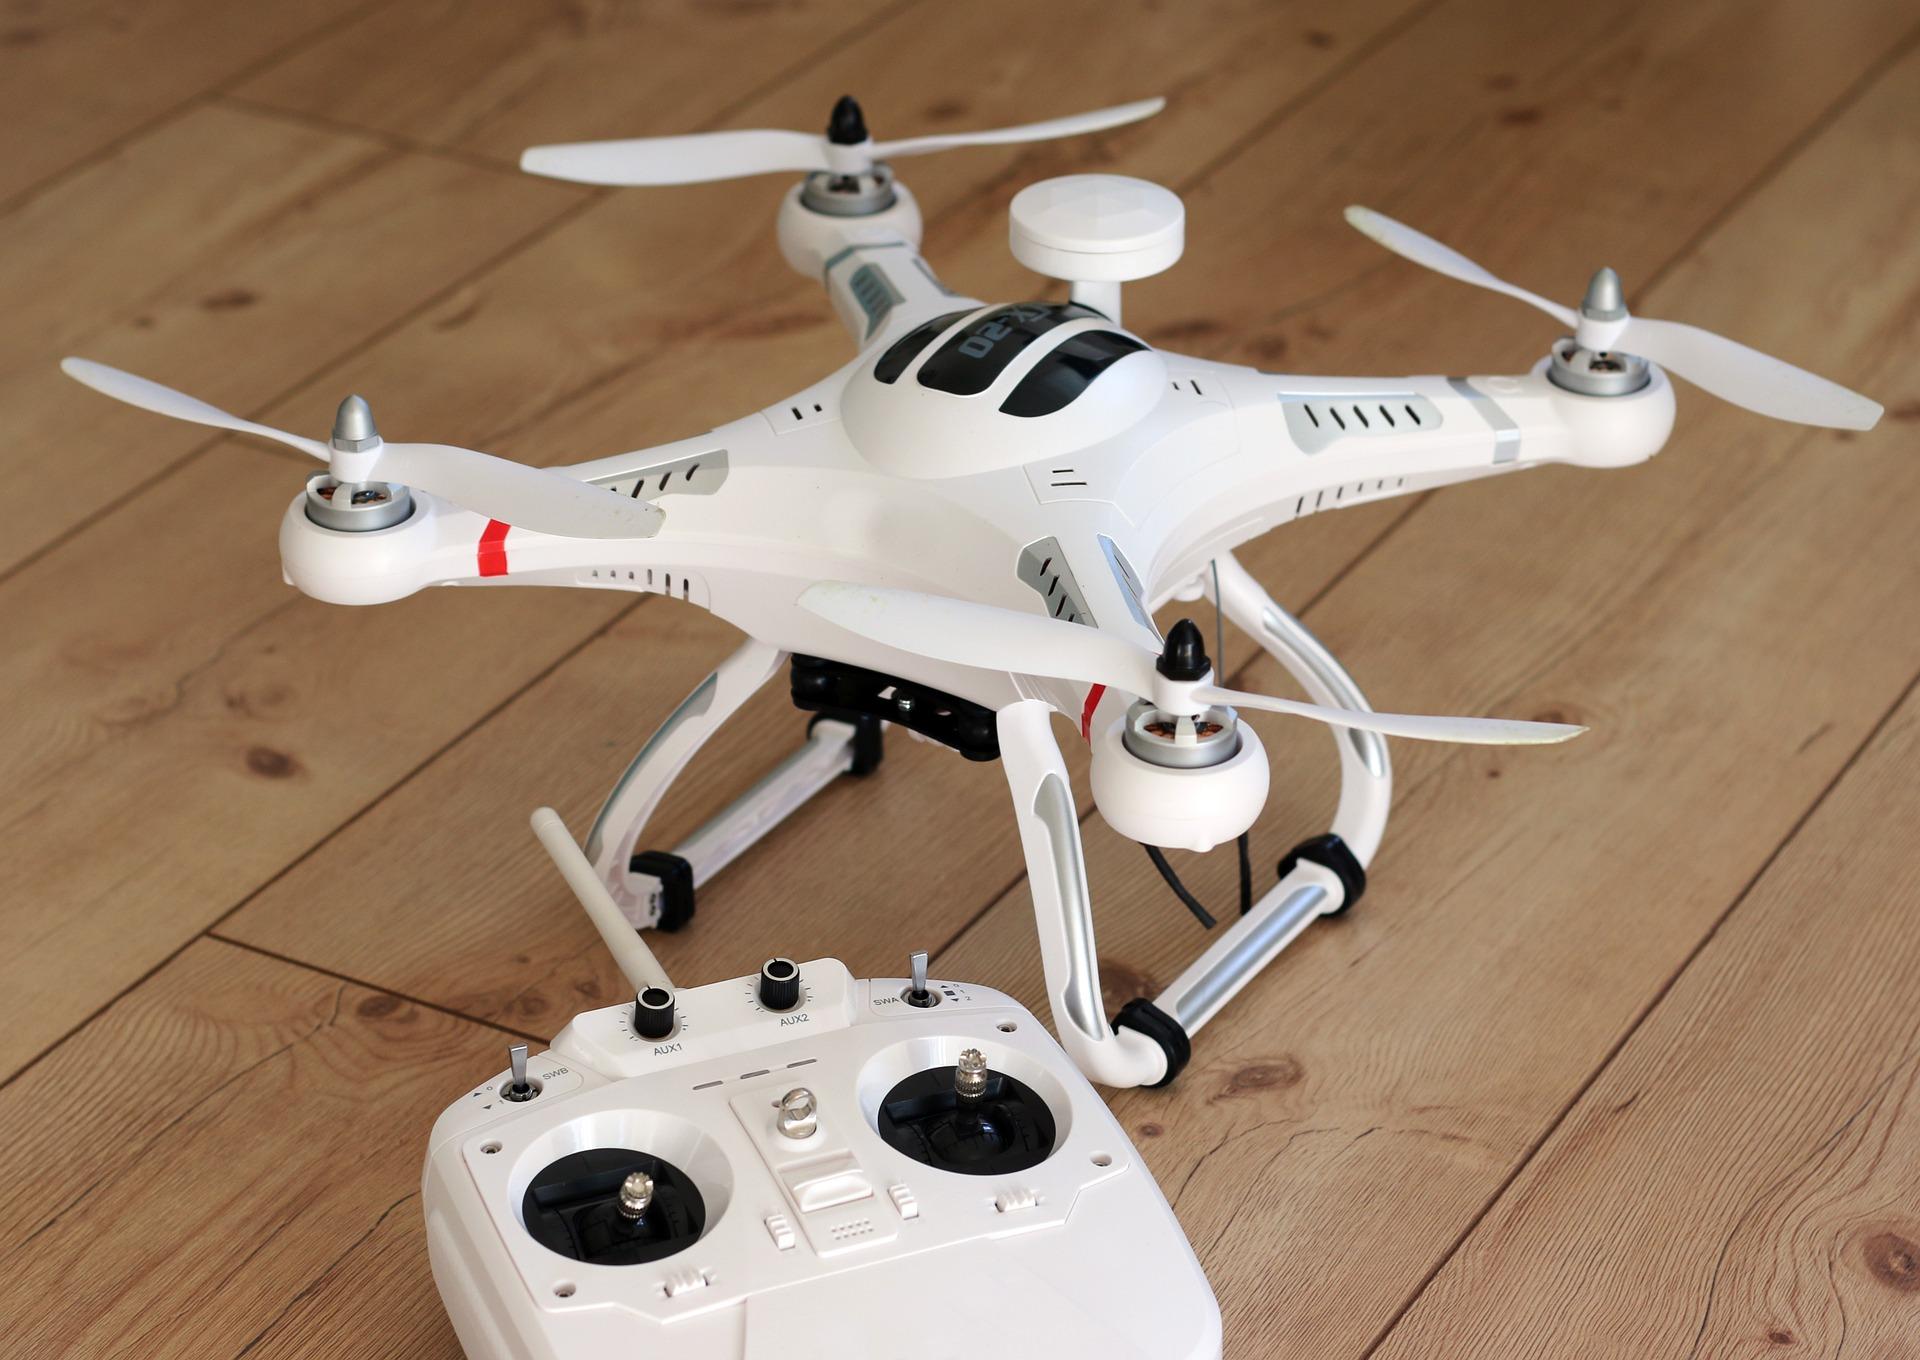 Штраф за незарегистрированные дроны уже близко